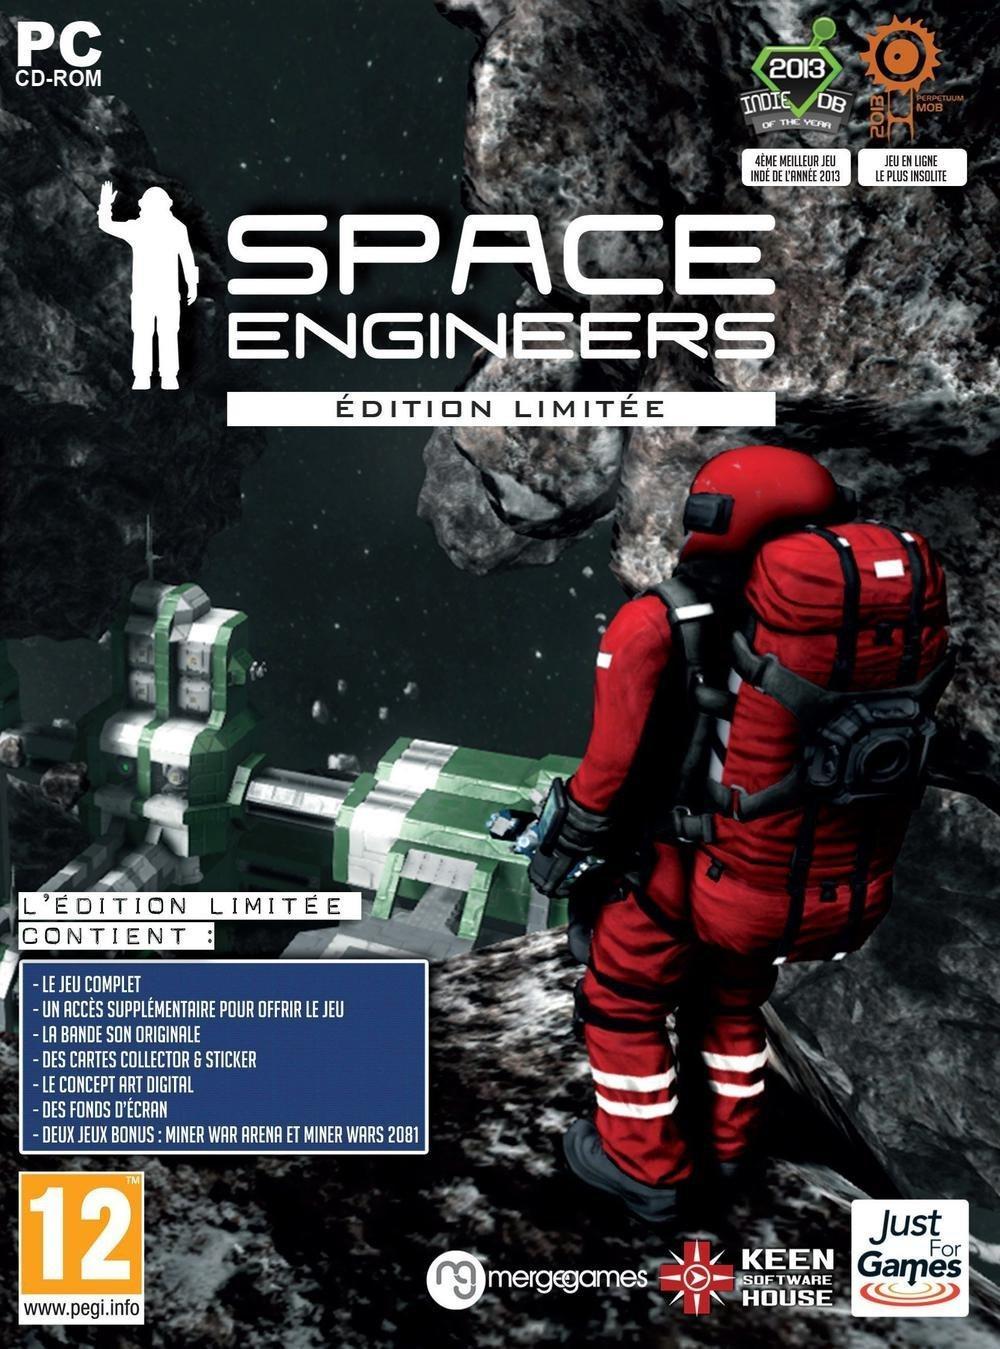 Jeu Space engineers sur PC à 6.26 (2 clés steam édition limitée)